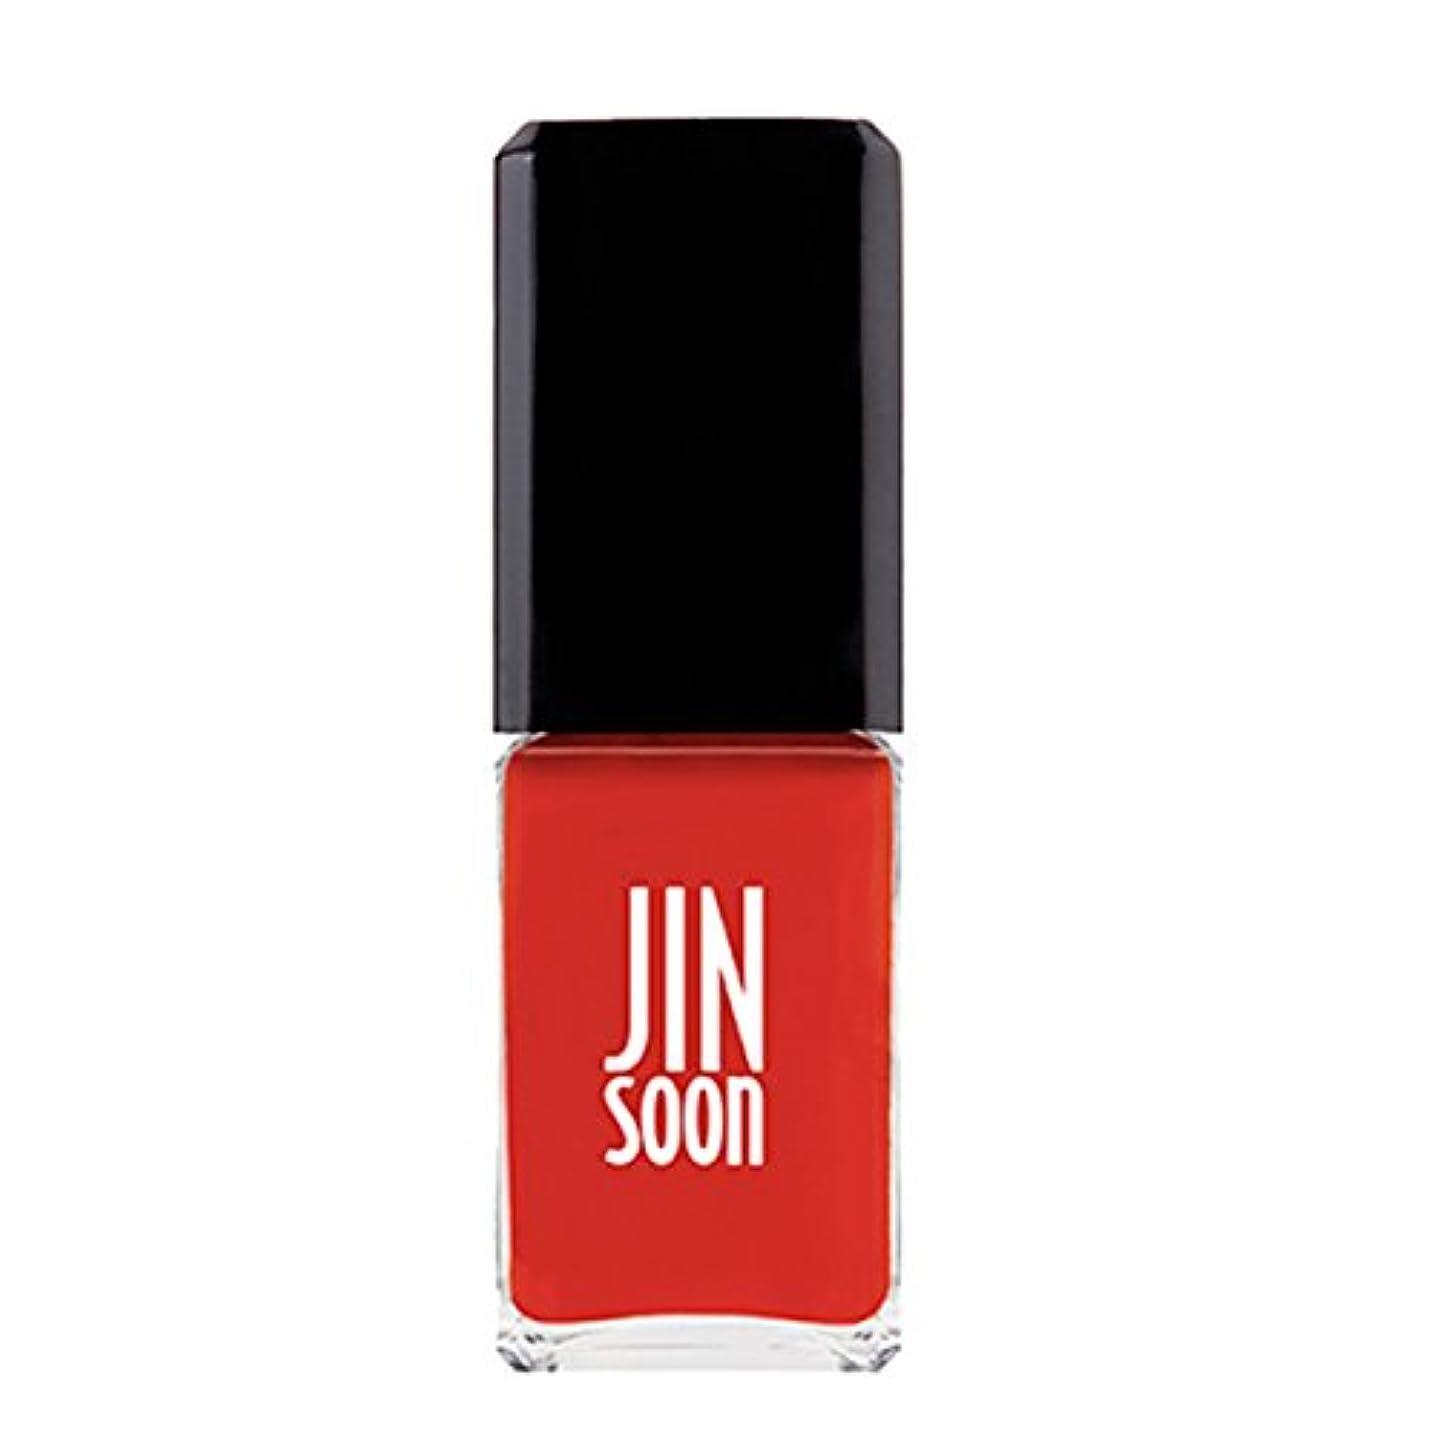 洞窟メイト主流[ジンスーン] [ jinsoon] ポップ?オレンジ(ホットオレンジ) POP ORANGE ジンスーン 5フリー ネイルポリッシュ【オレンジ】 11mL